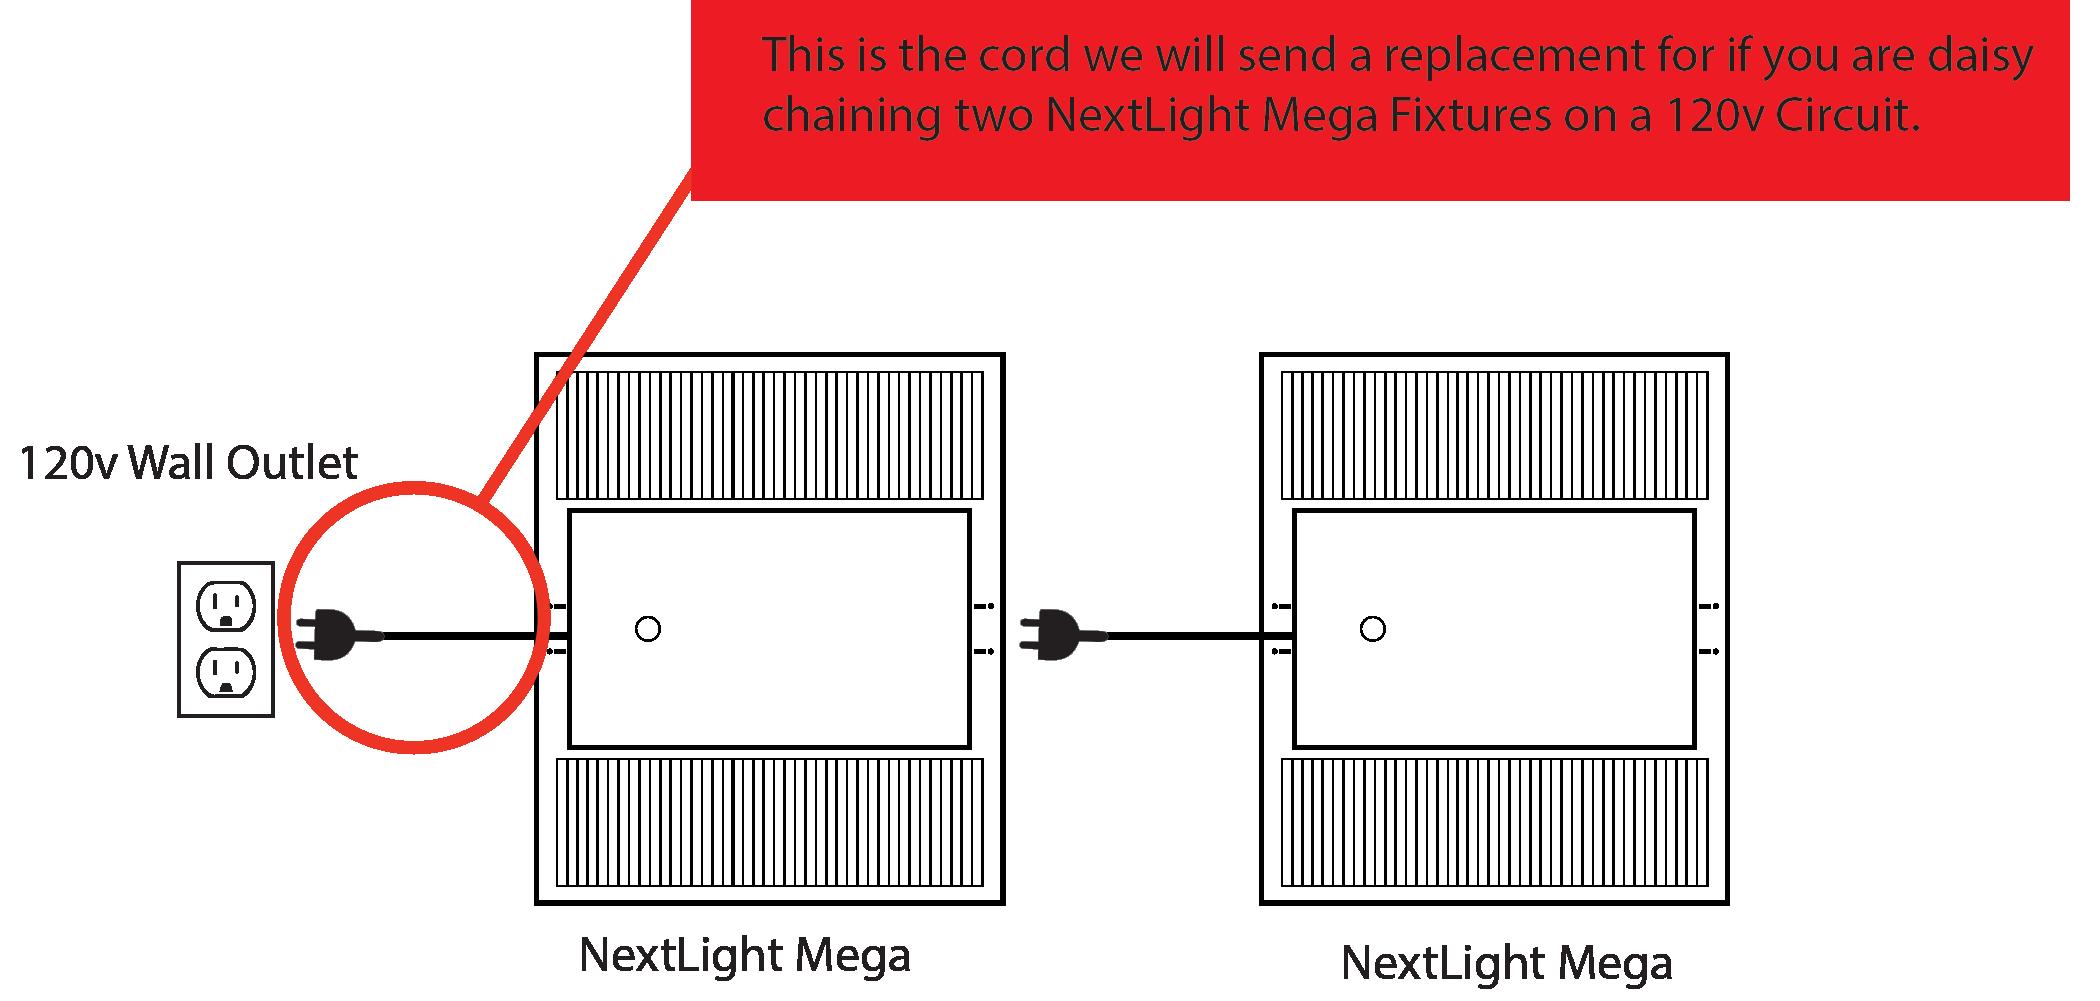 nextlight-overlay-chart